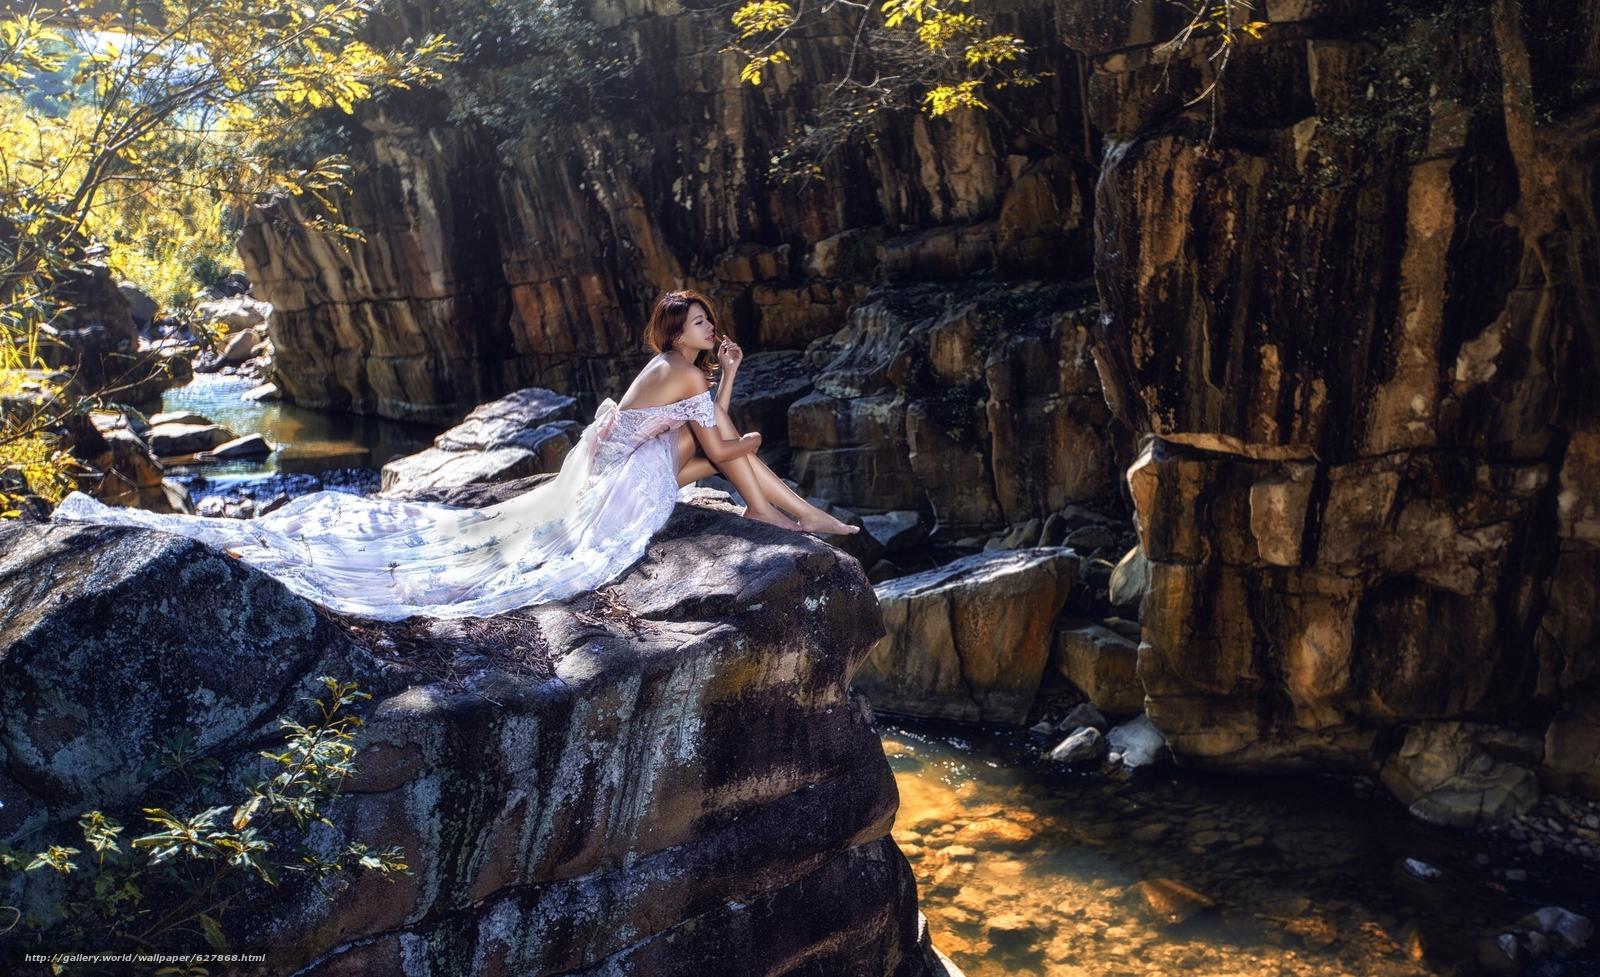 азиатка, невеста, платье, ноги, скалы, река, настроение